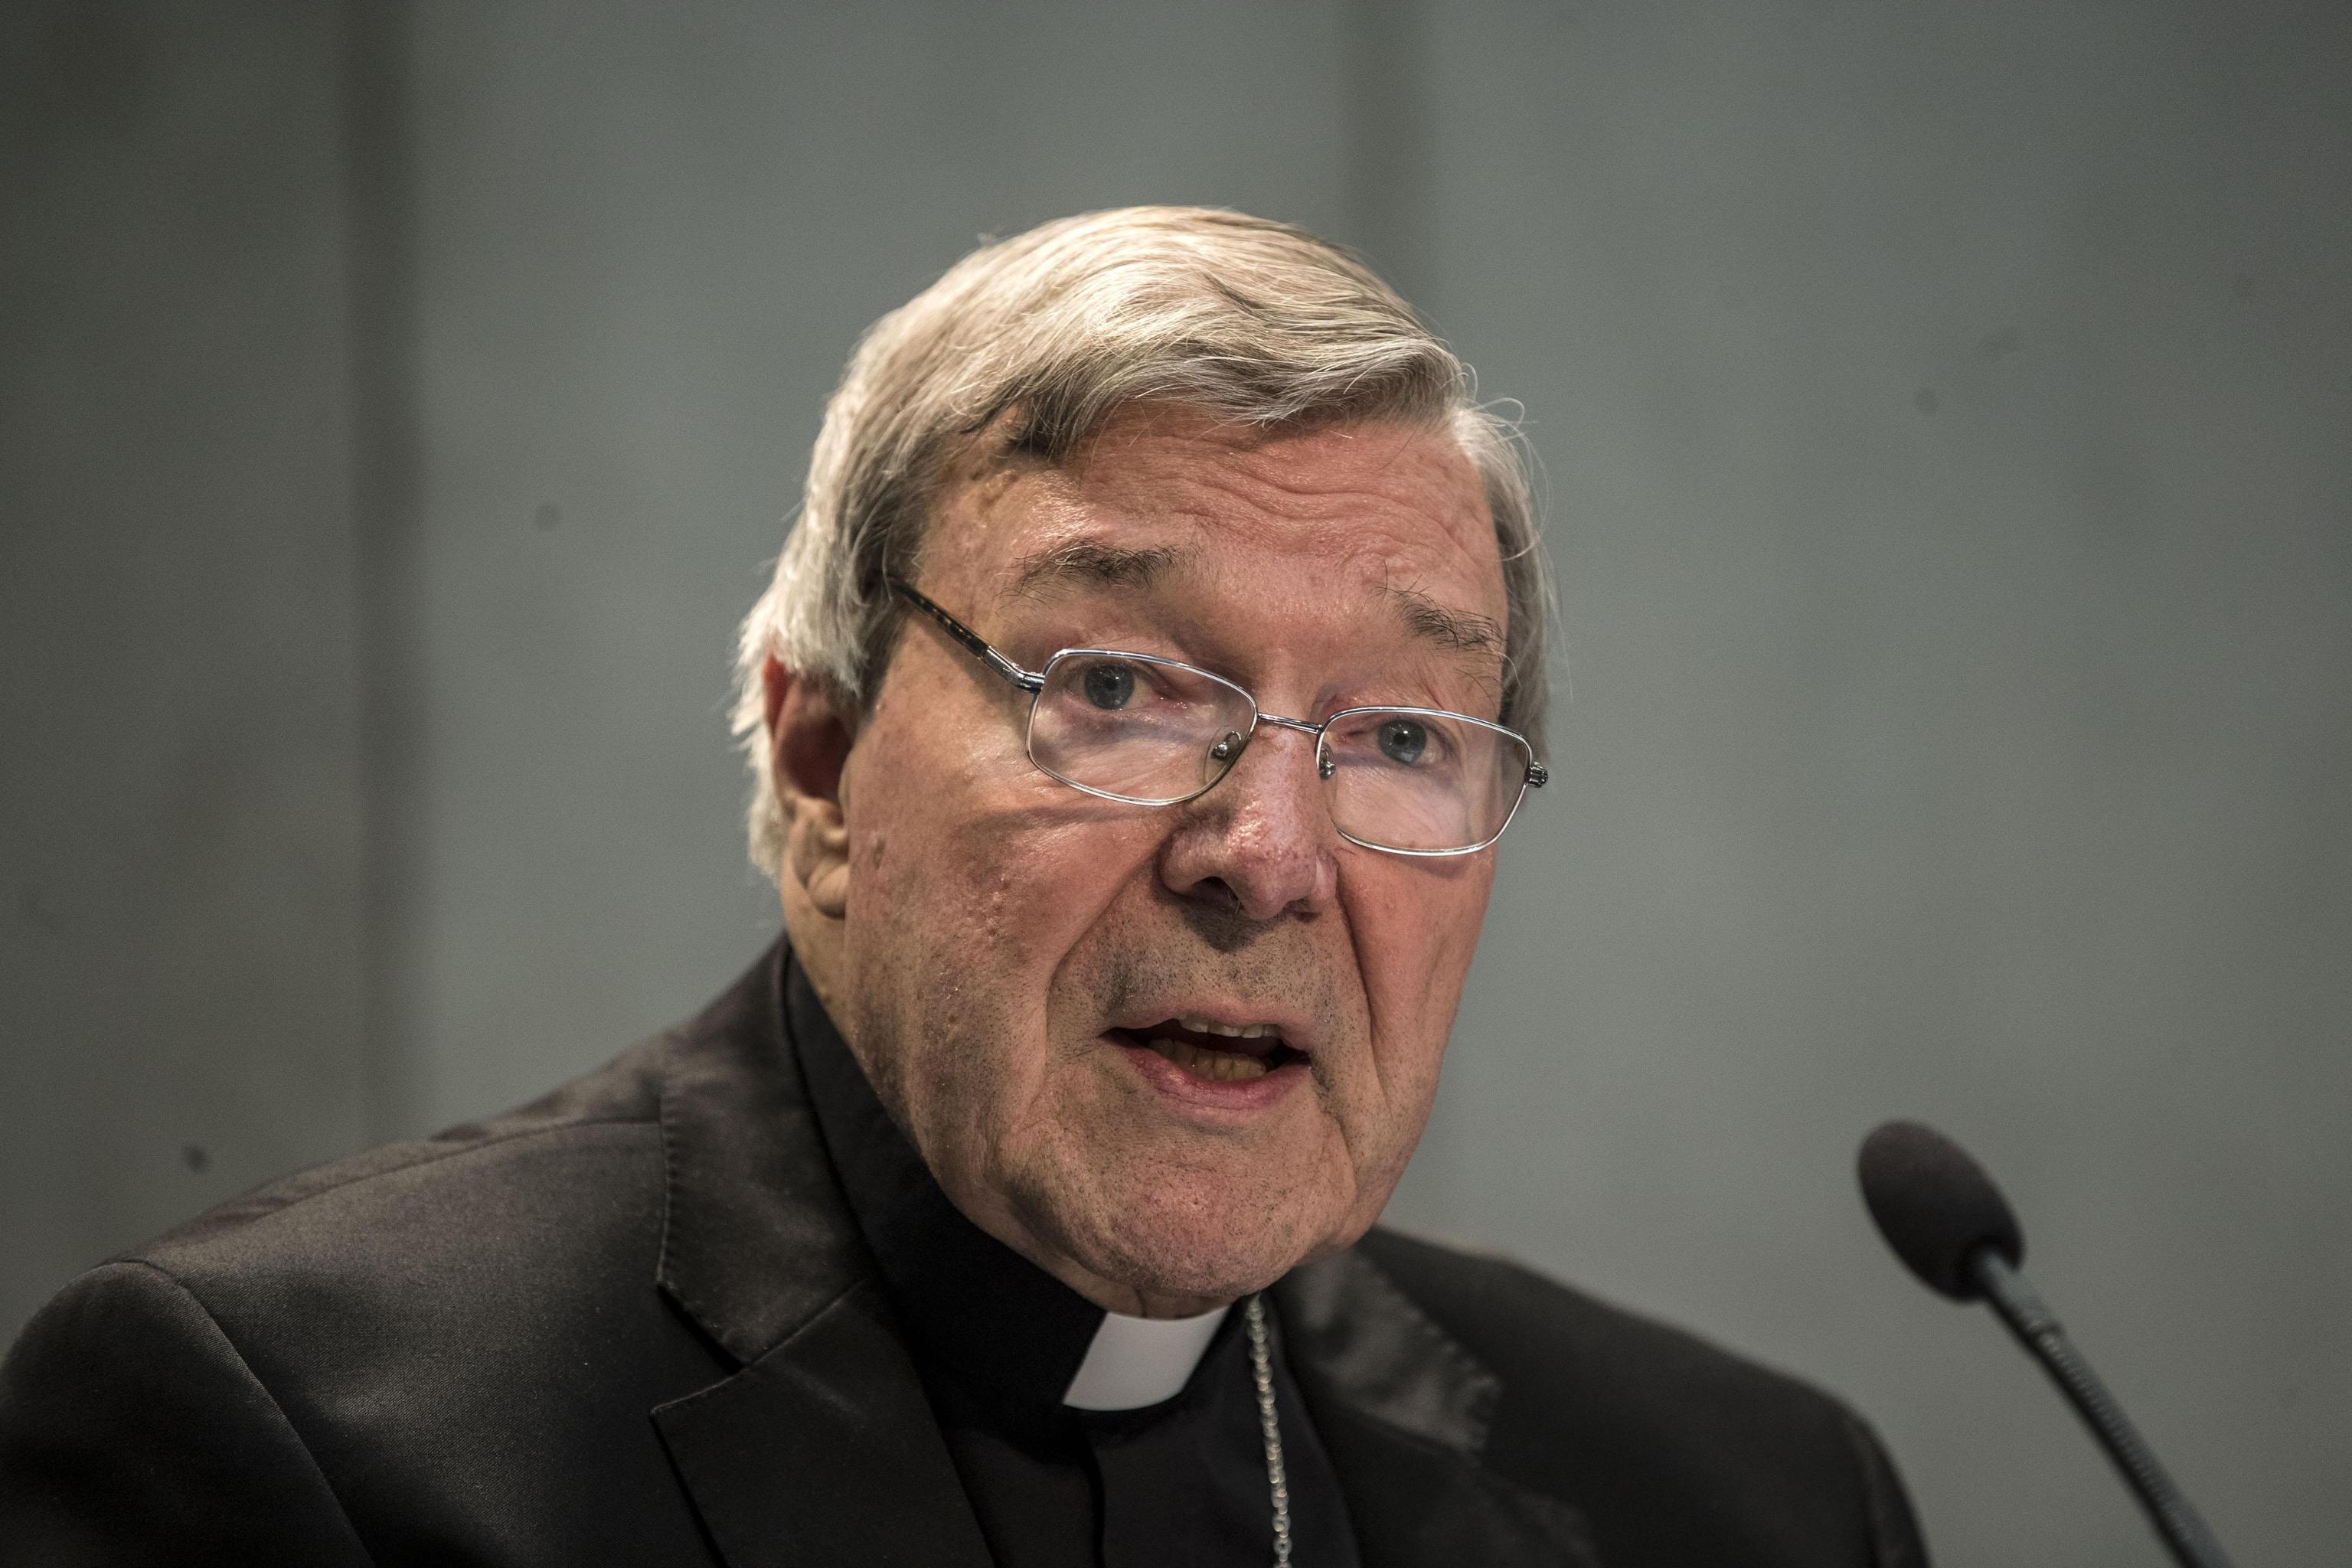 Pedofilia nella Chiesa, indagato il cardinale Pell: in congedo papale, andrà in Australia per difendersi